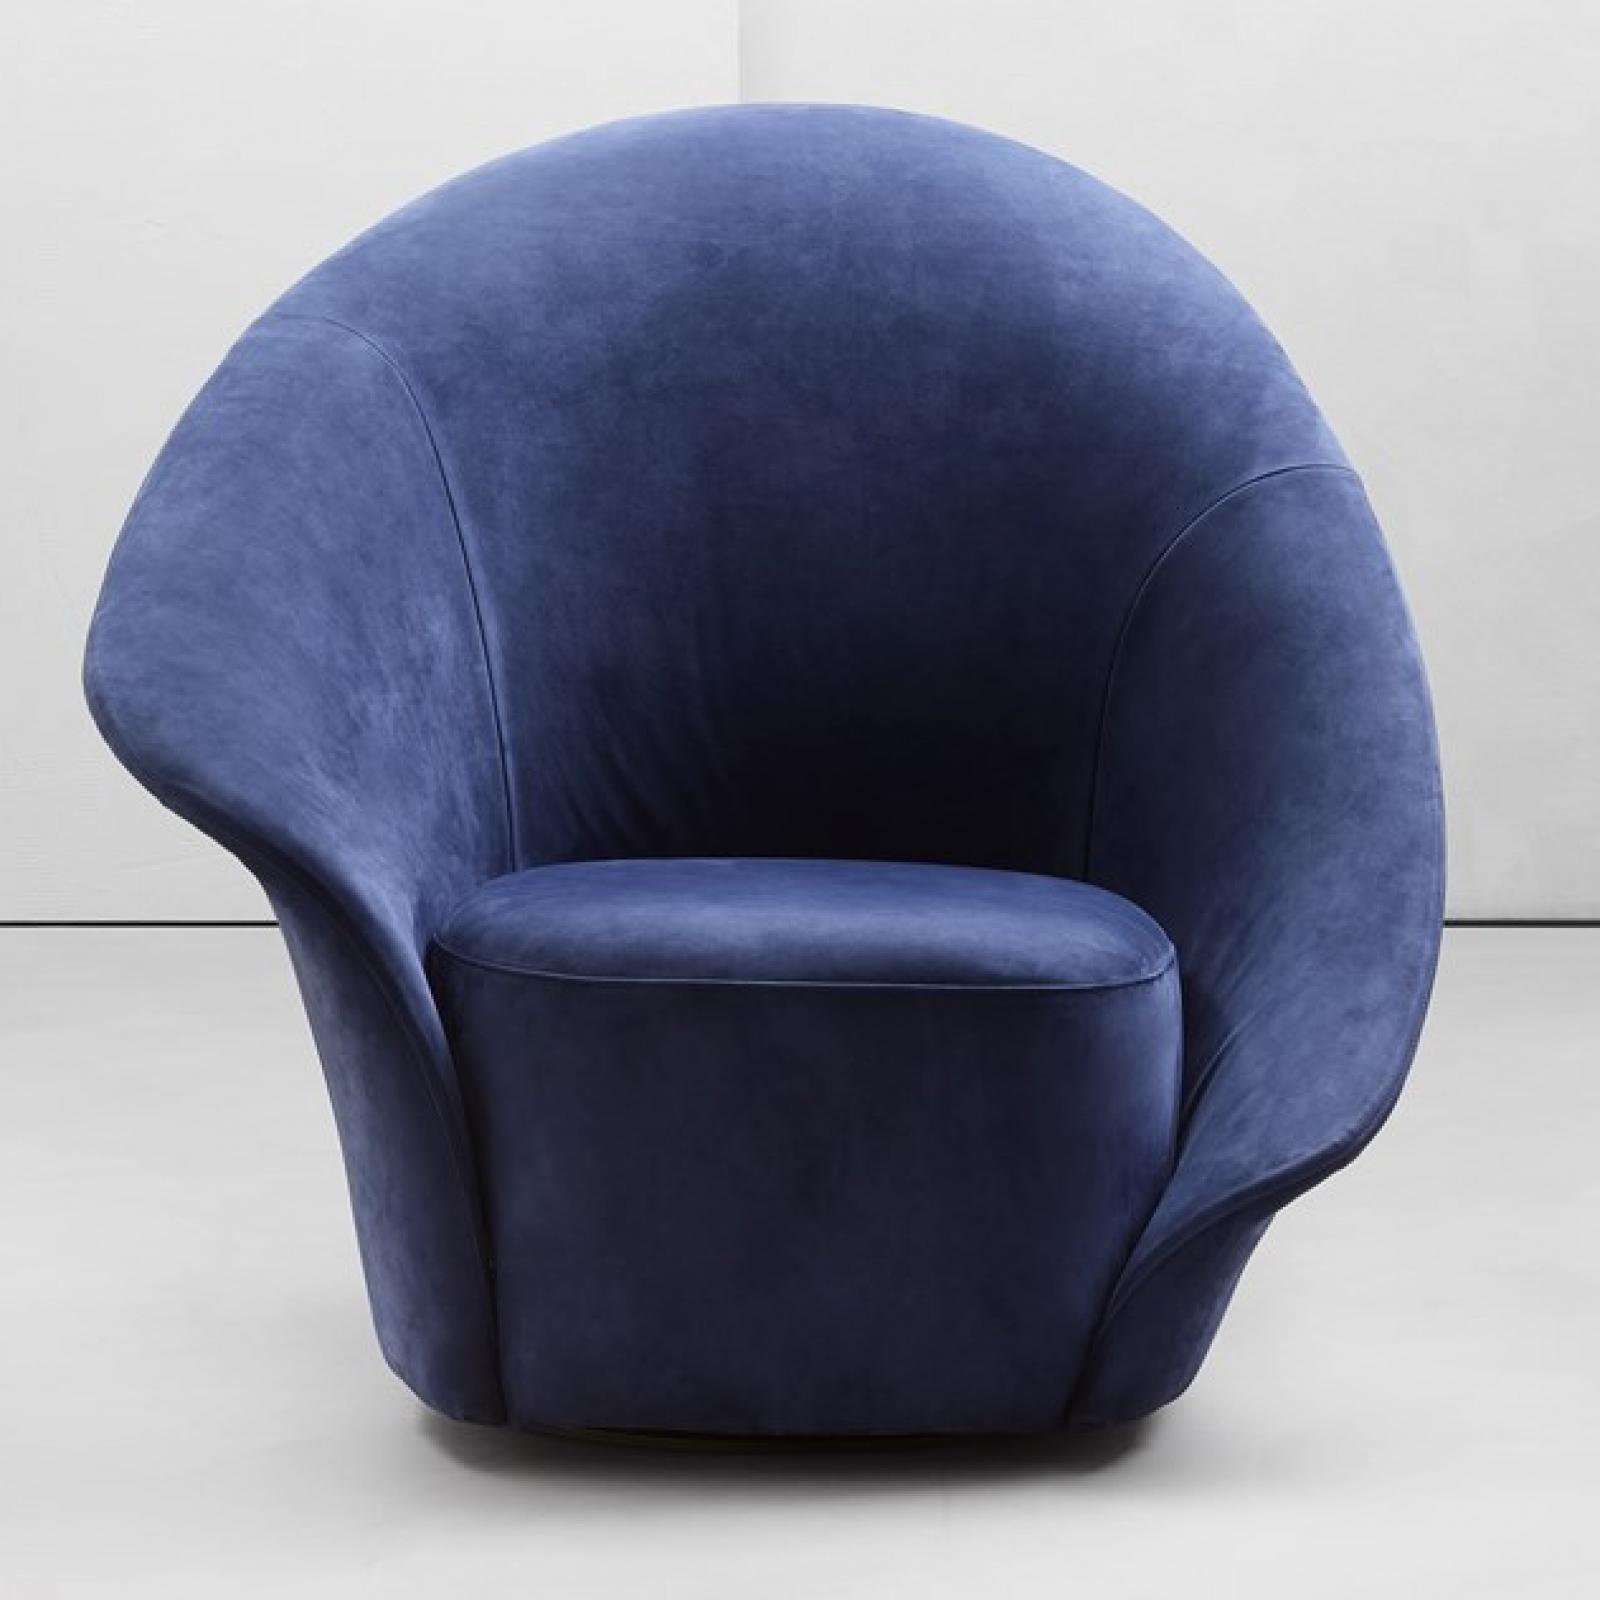 high-end armchair